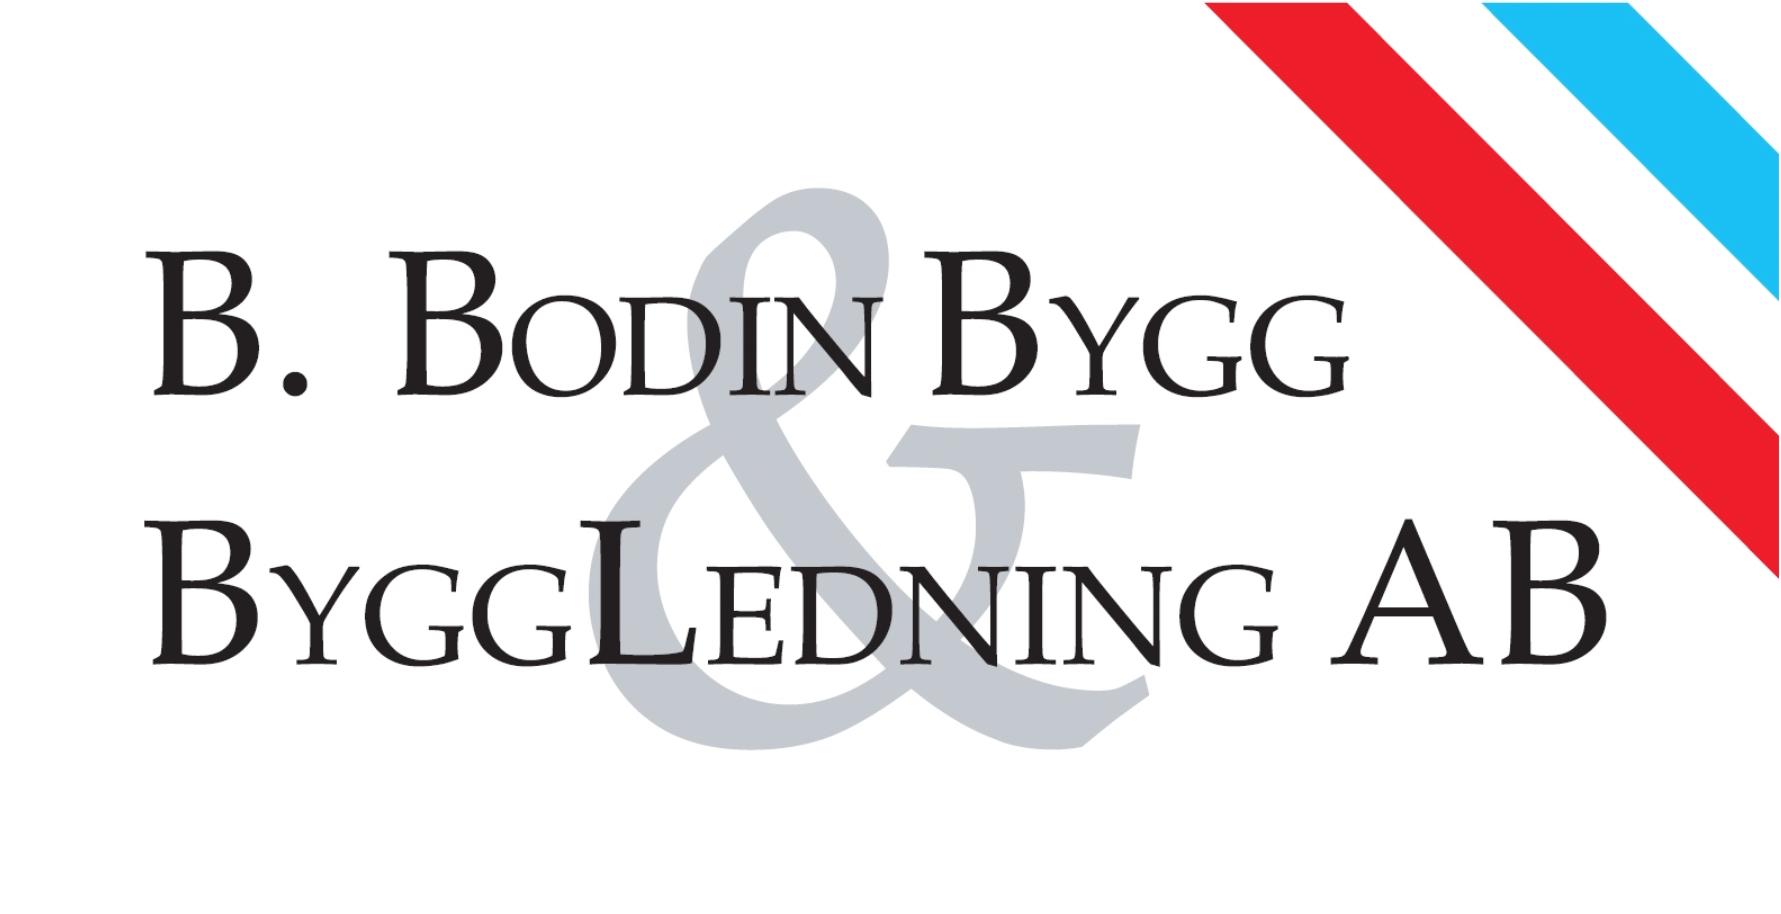 B Bodin Bygg